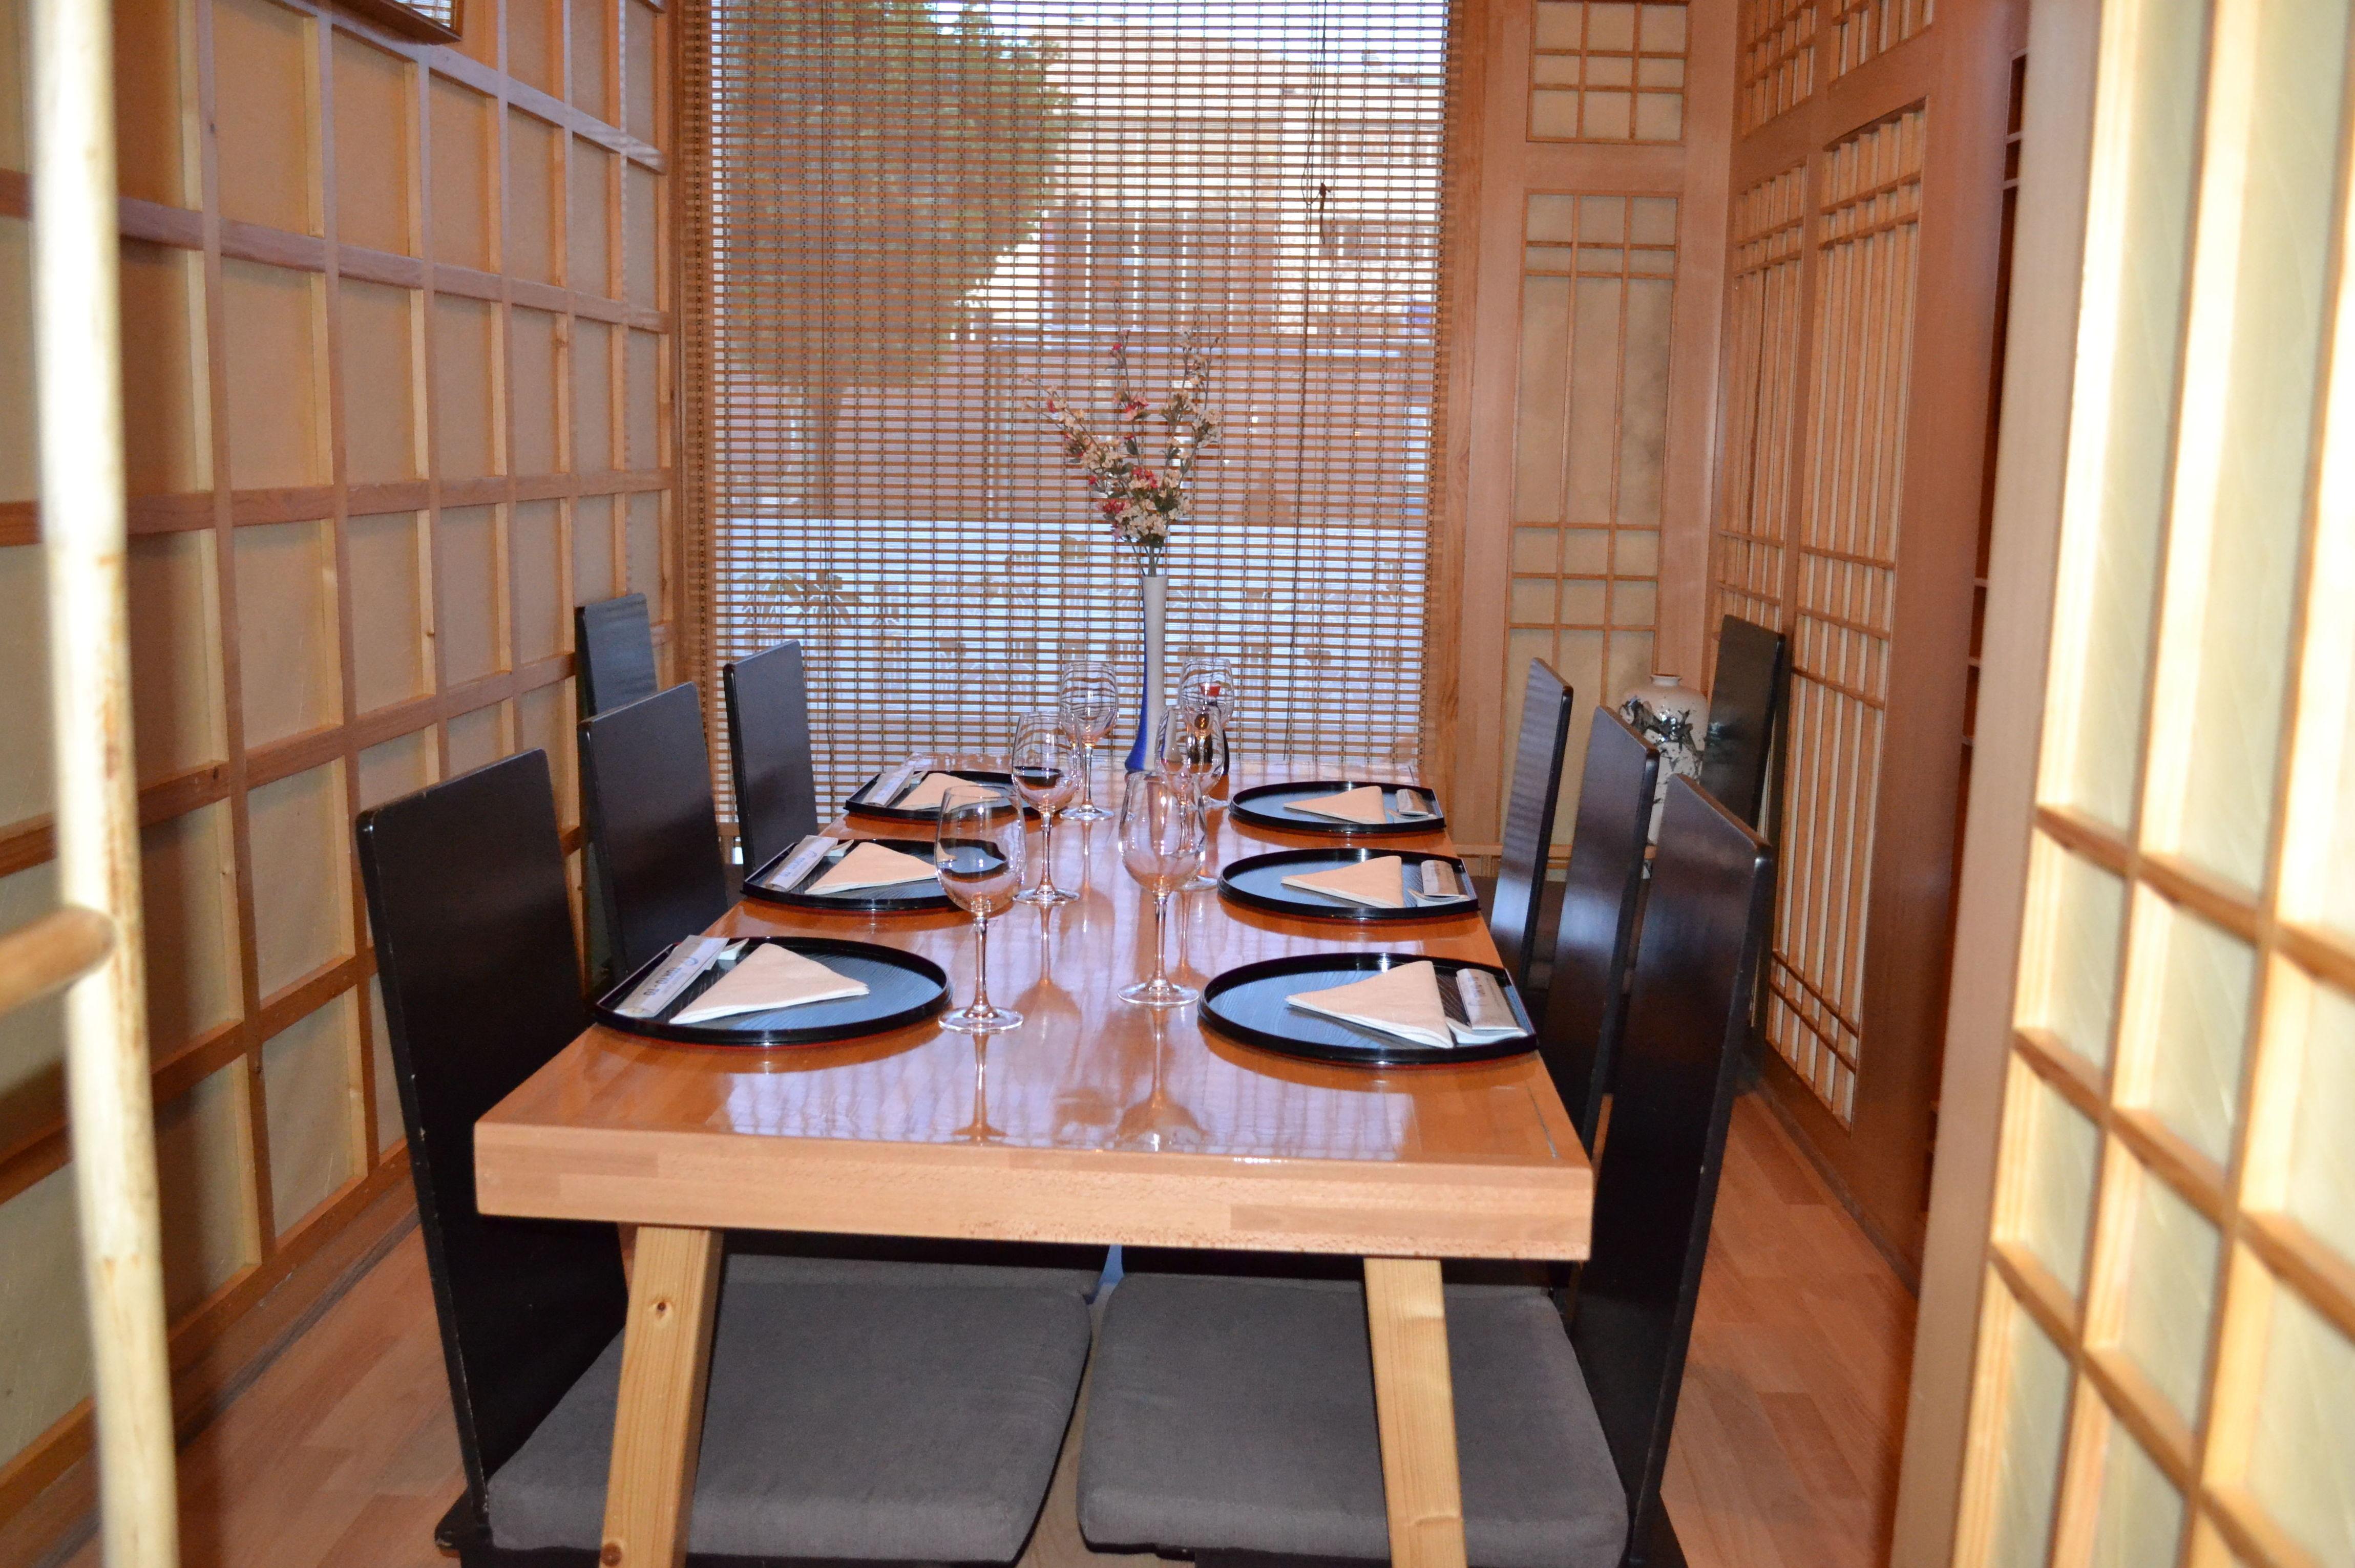 Platos de cocina japonesa en Barcelona